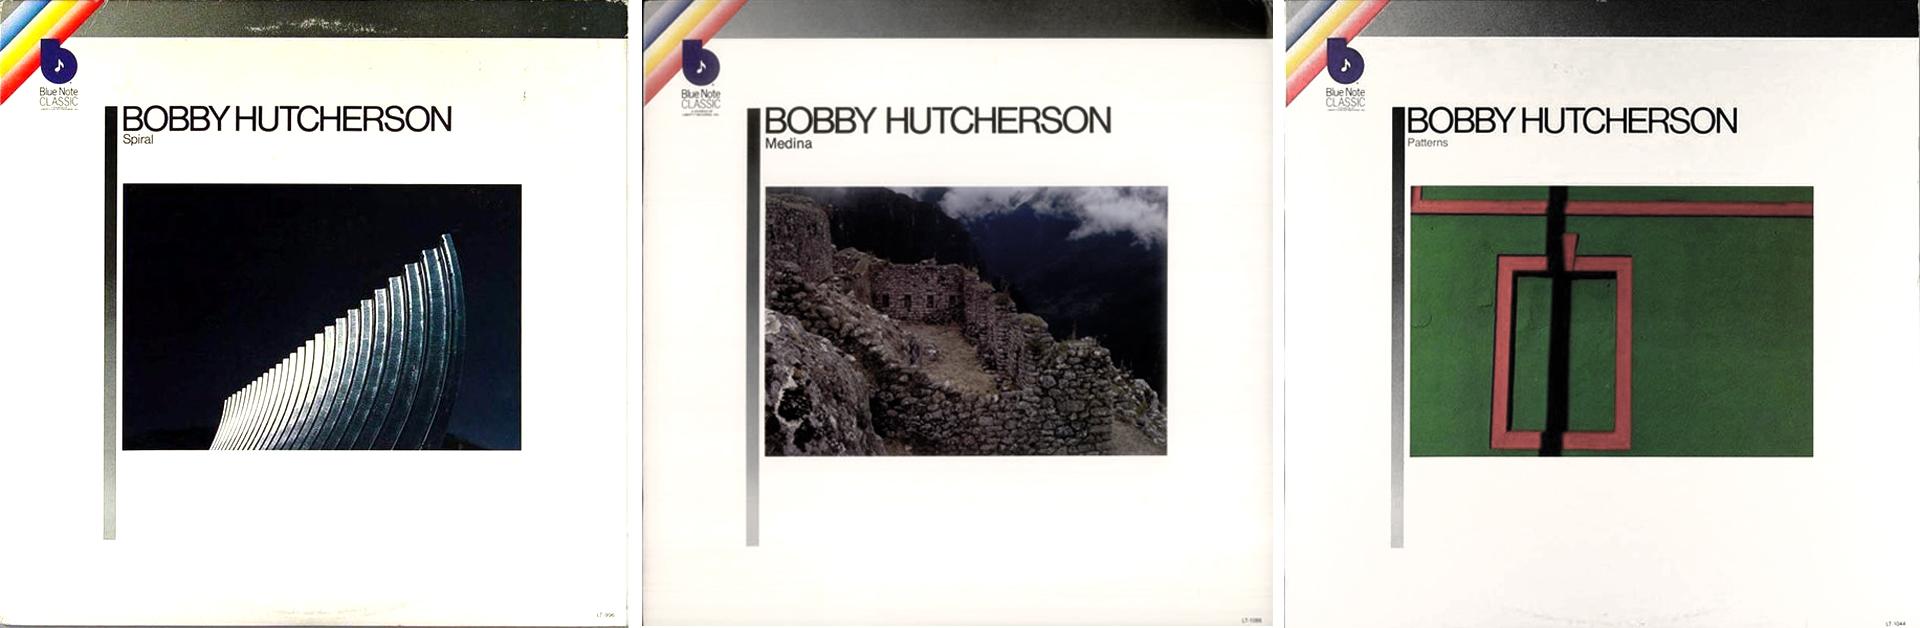 Bobby Hutcherson Spiral 1965 8 Blue Note Ua